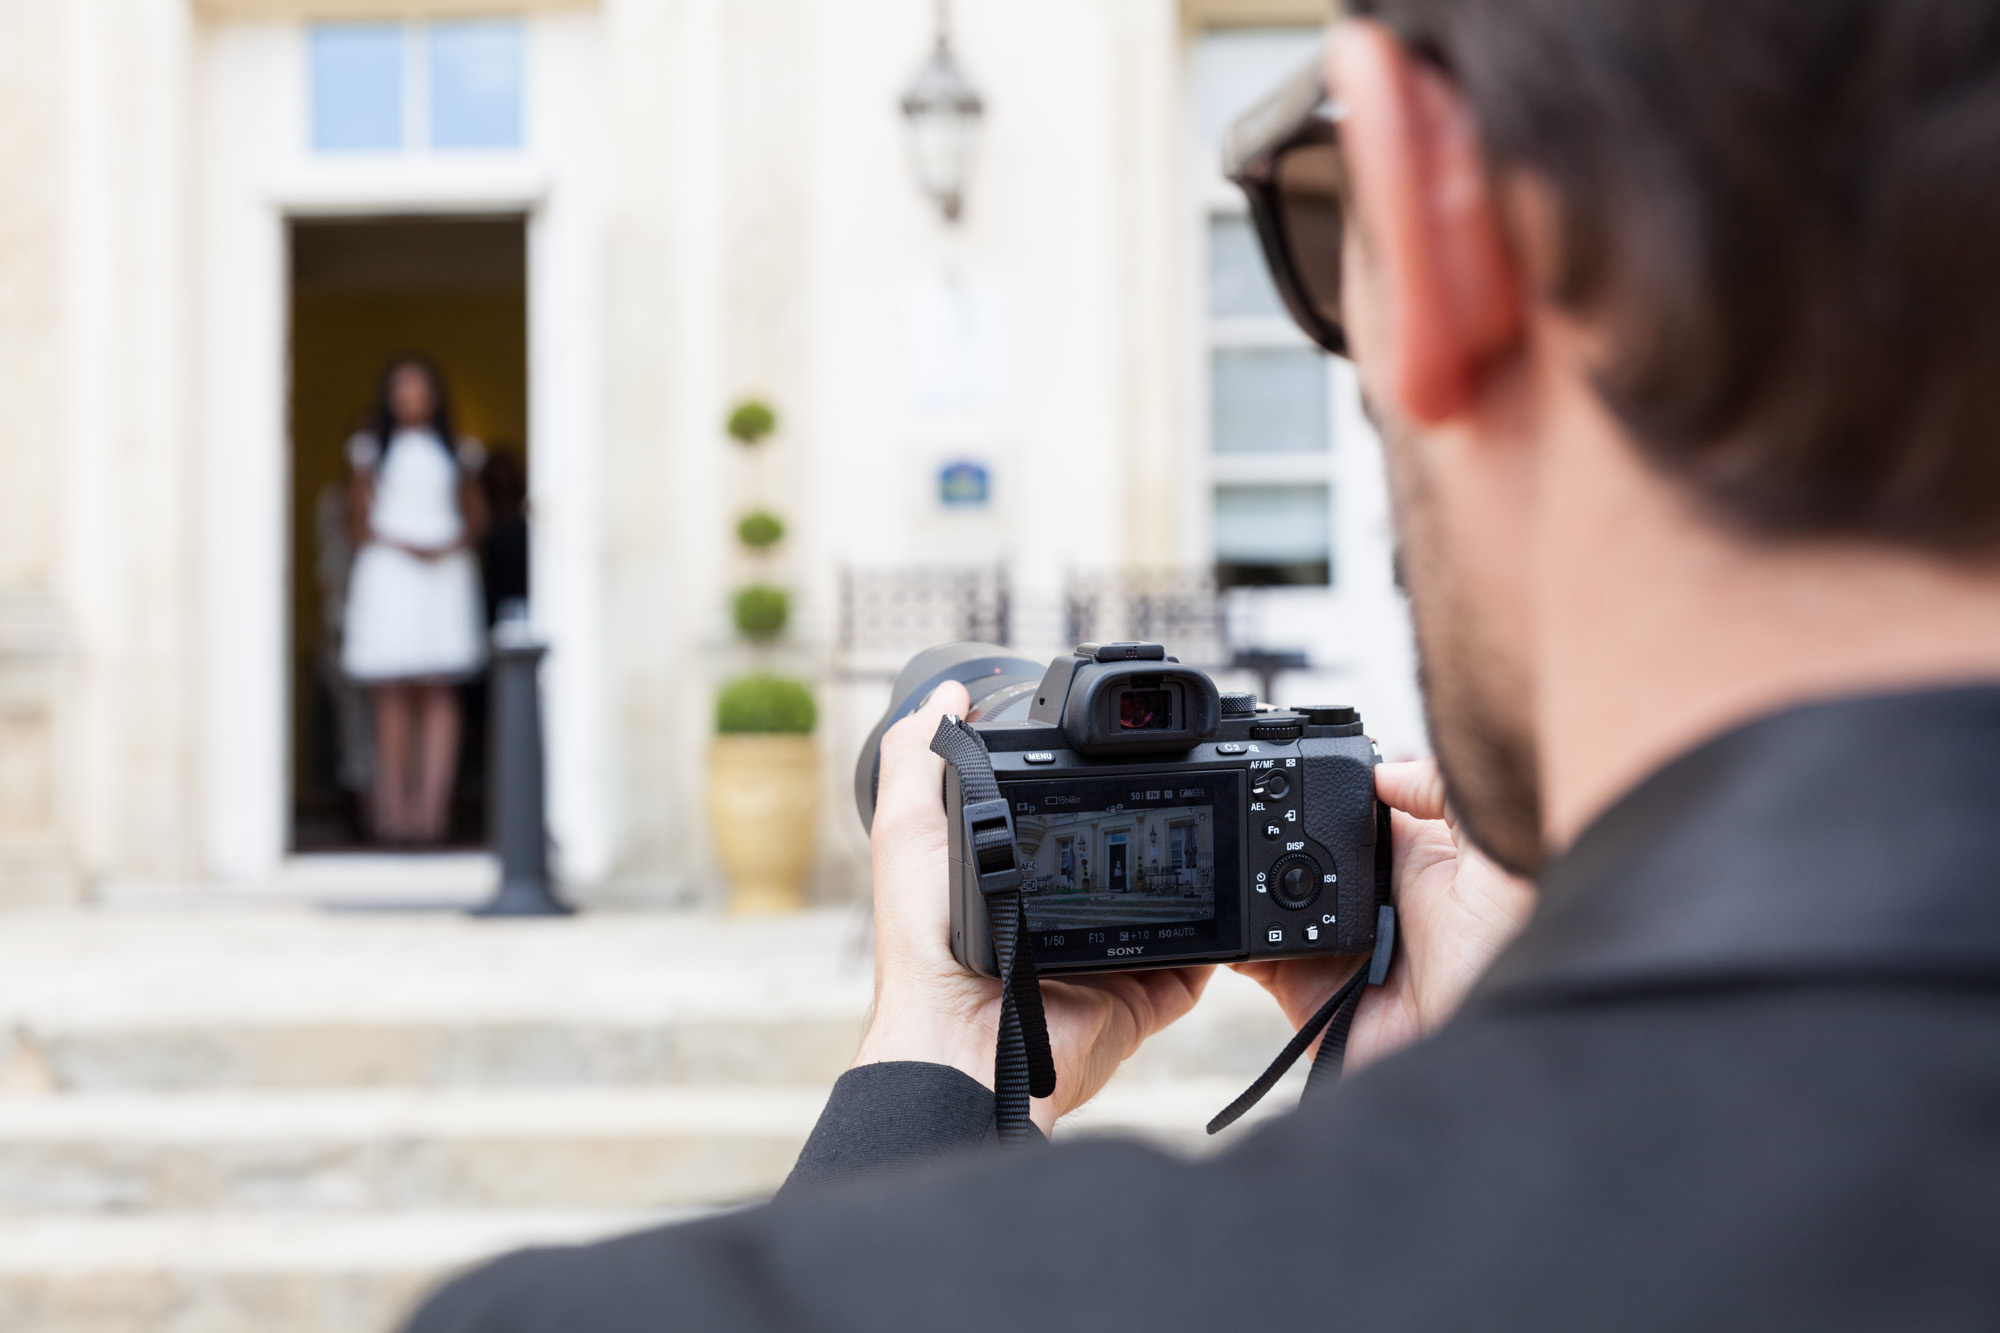 casting, shooting, show, fashion, défilé, photos, photographe, Mans, mode, model, models